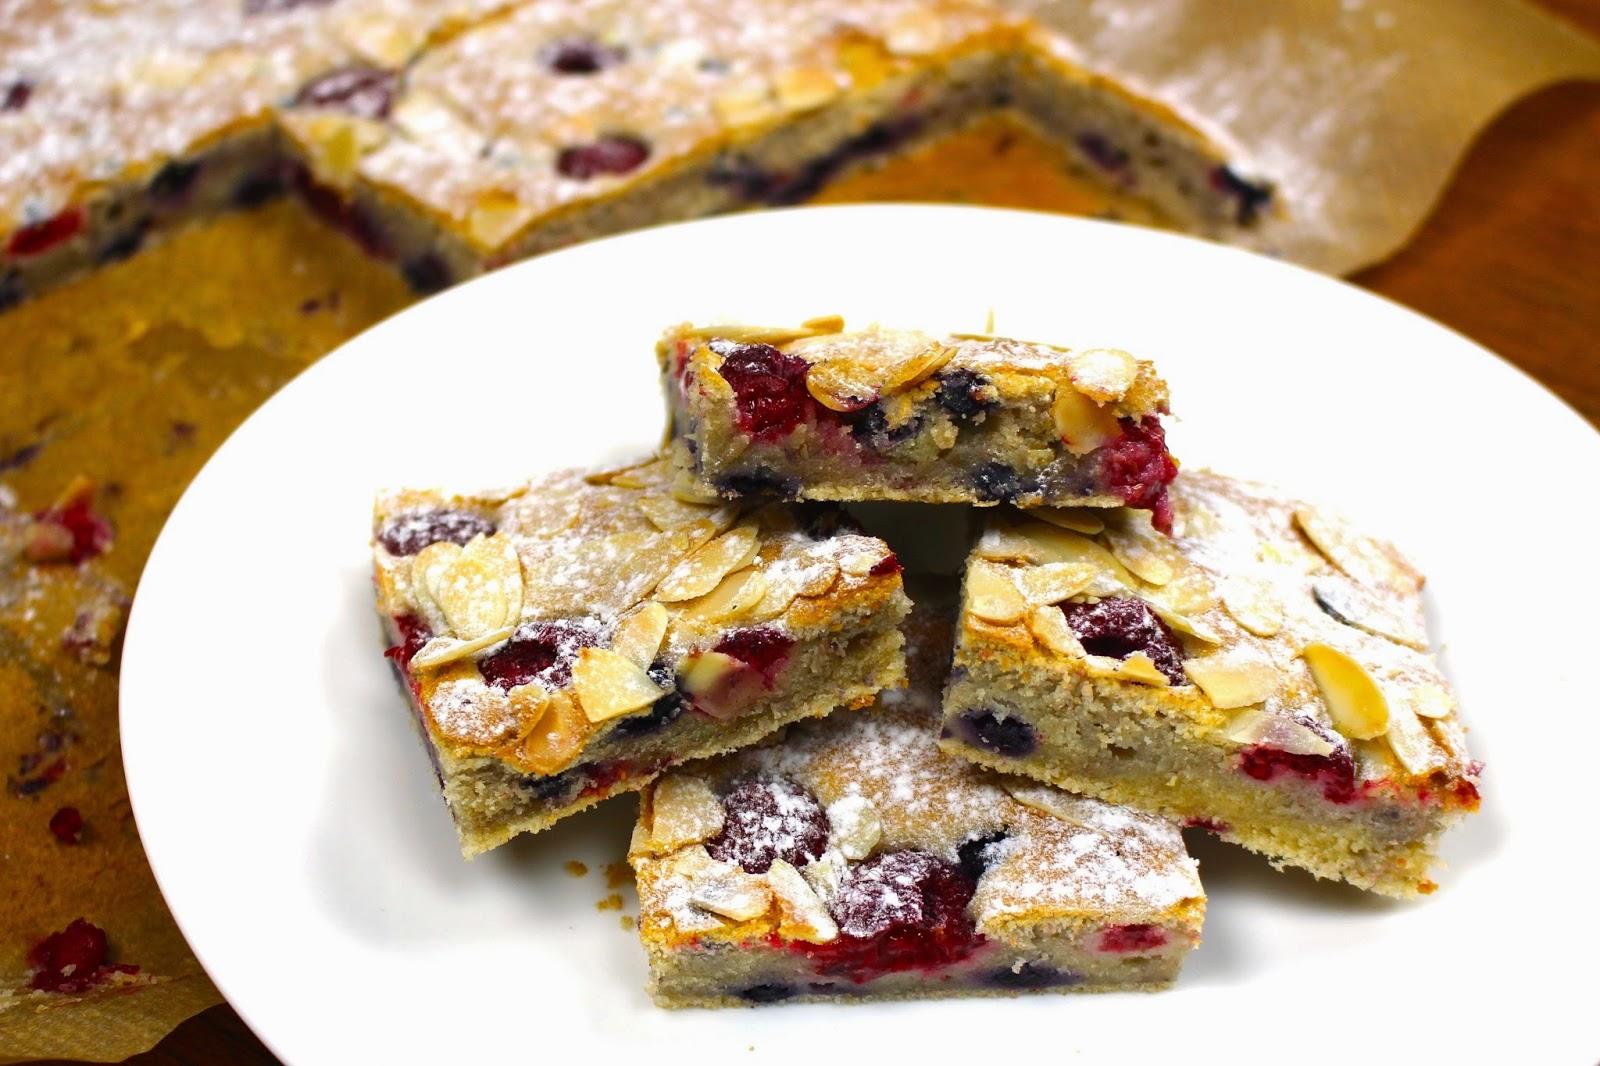 Beeren Sauerrahm Kuchen Mrs Flury Gesund Essen Leben